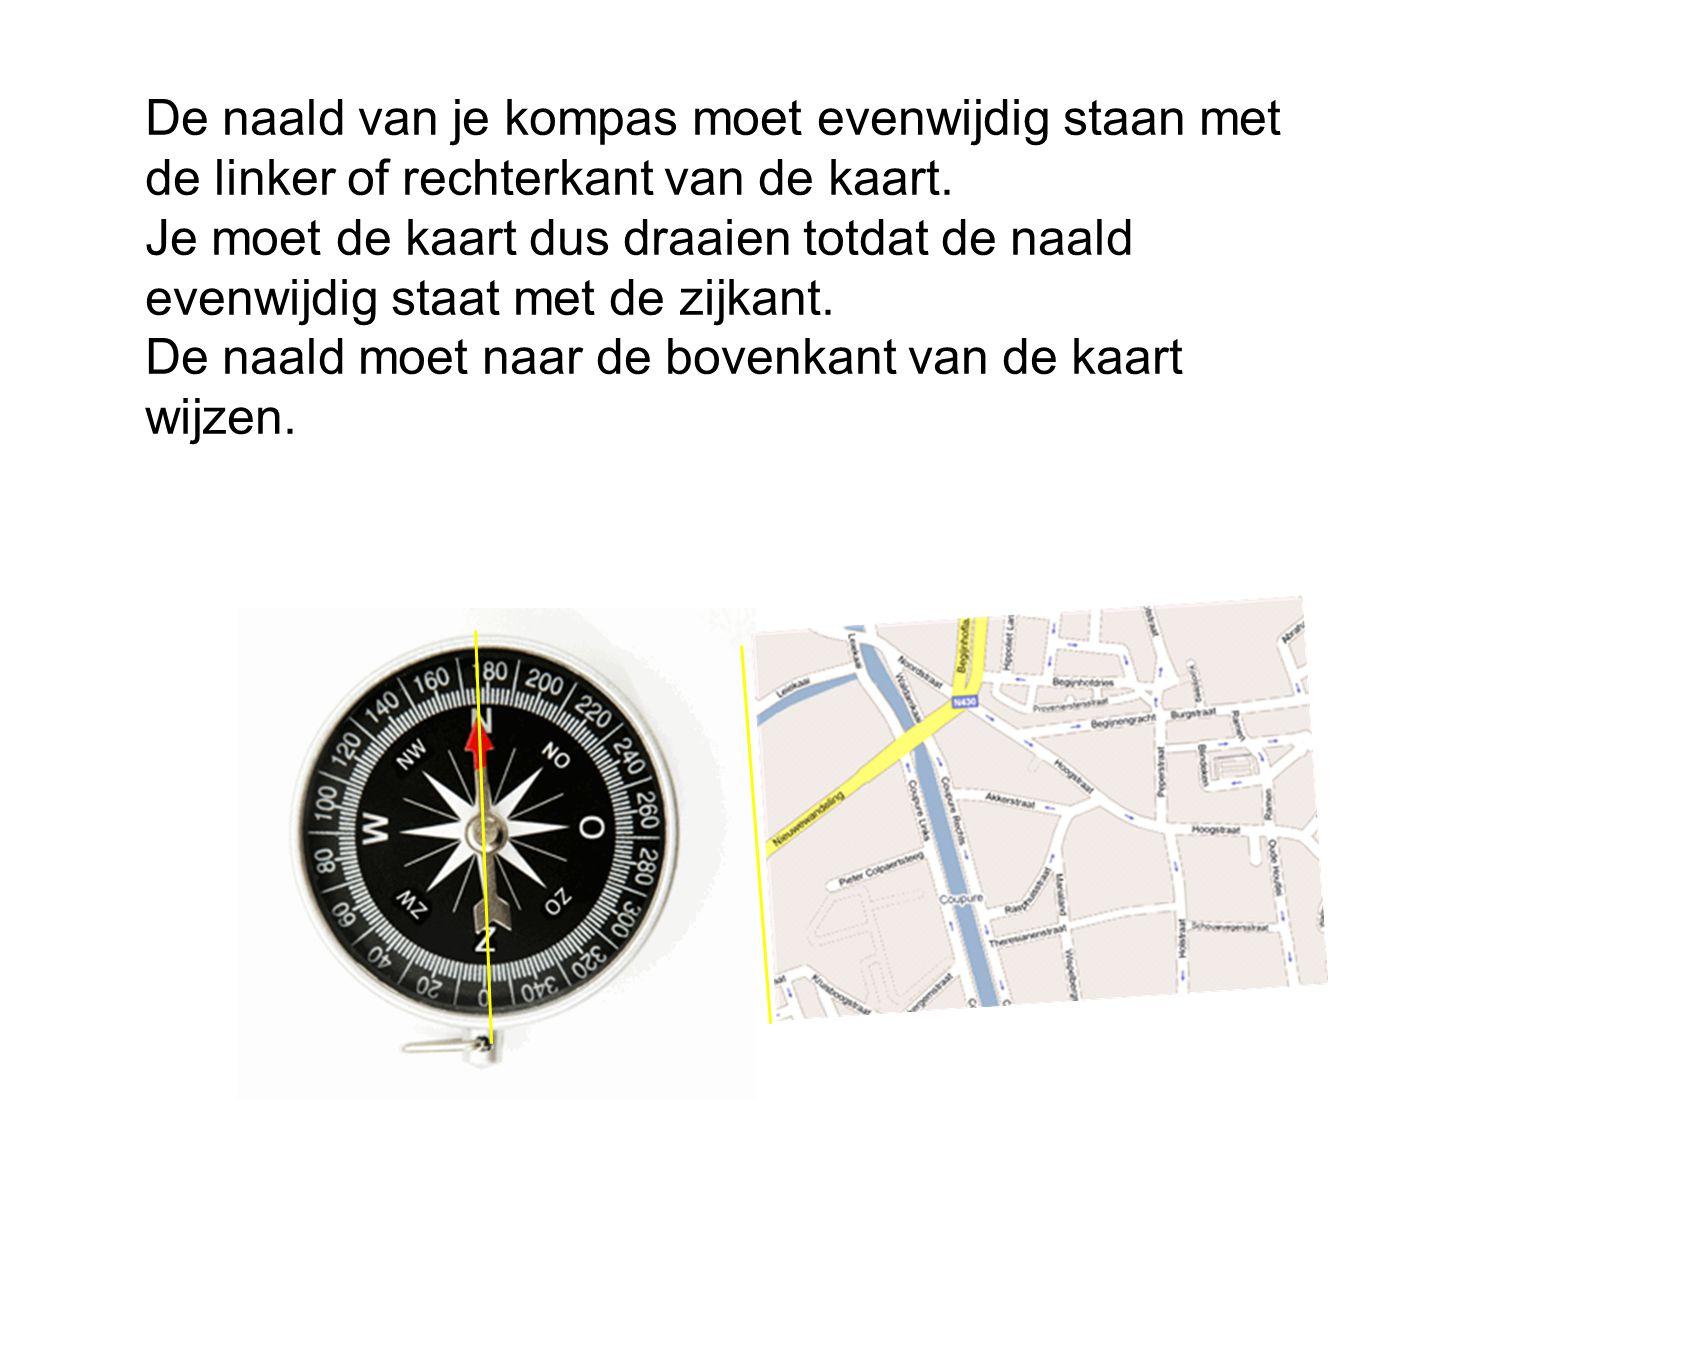 De naald van je kompas moet evenwijdig staan met